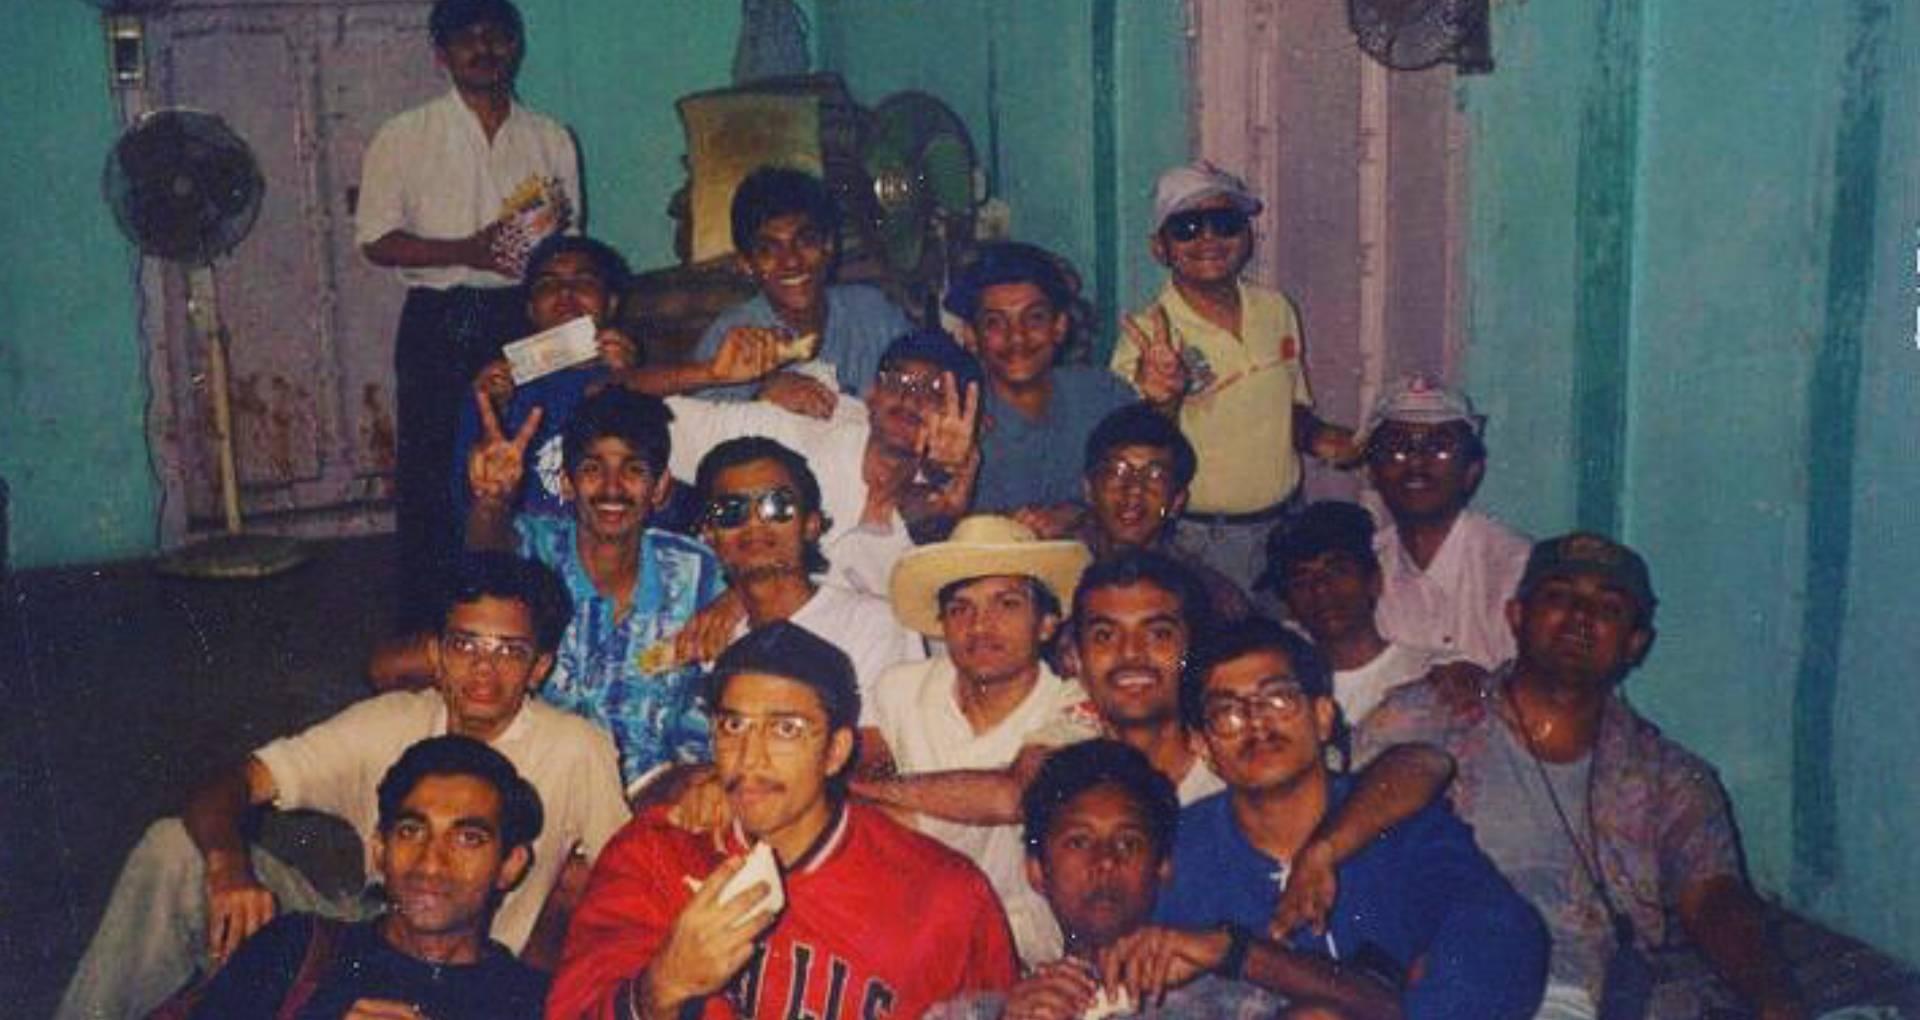 Chhichhore Movie: नितेश तिवारी का ऐसा था छिछोरे गैंग, डायरेक्टर ने इस तस्वीर के साथ याद की अपनी कॉलेज लाइफ